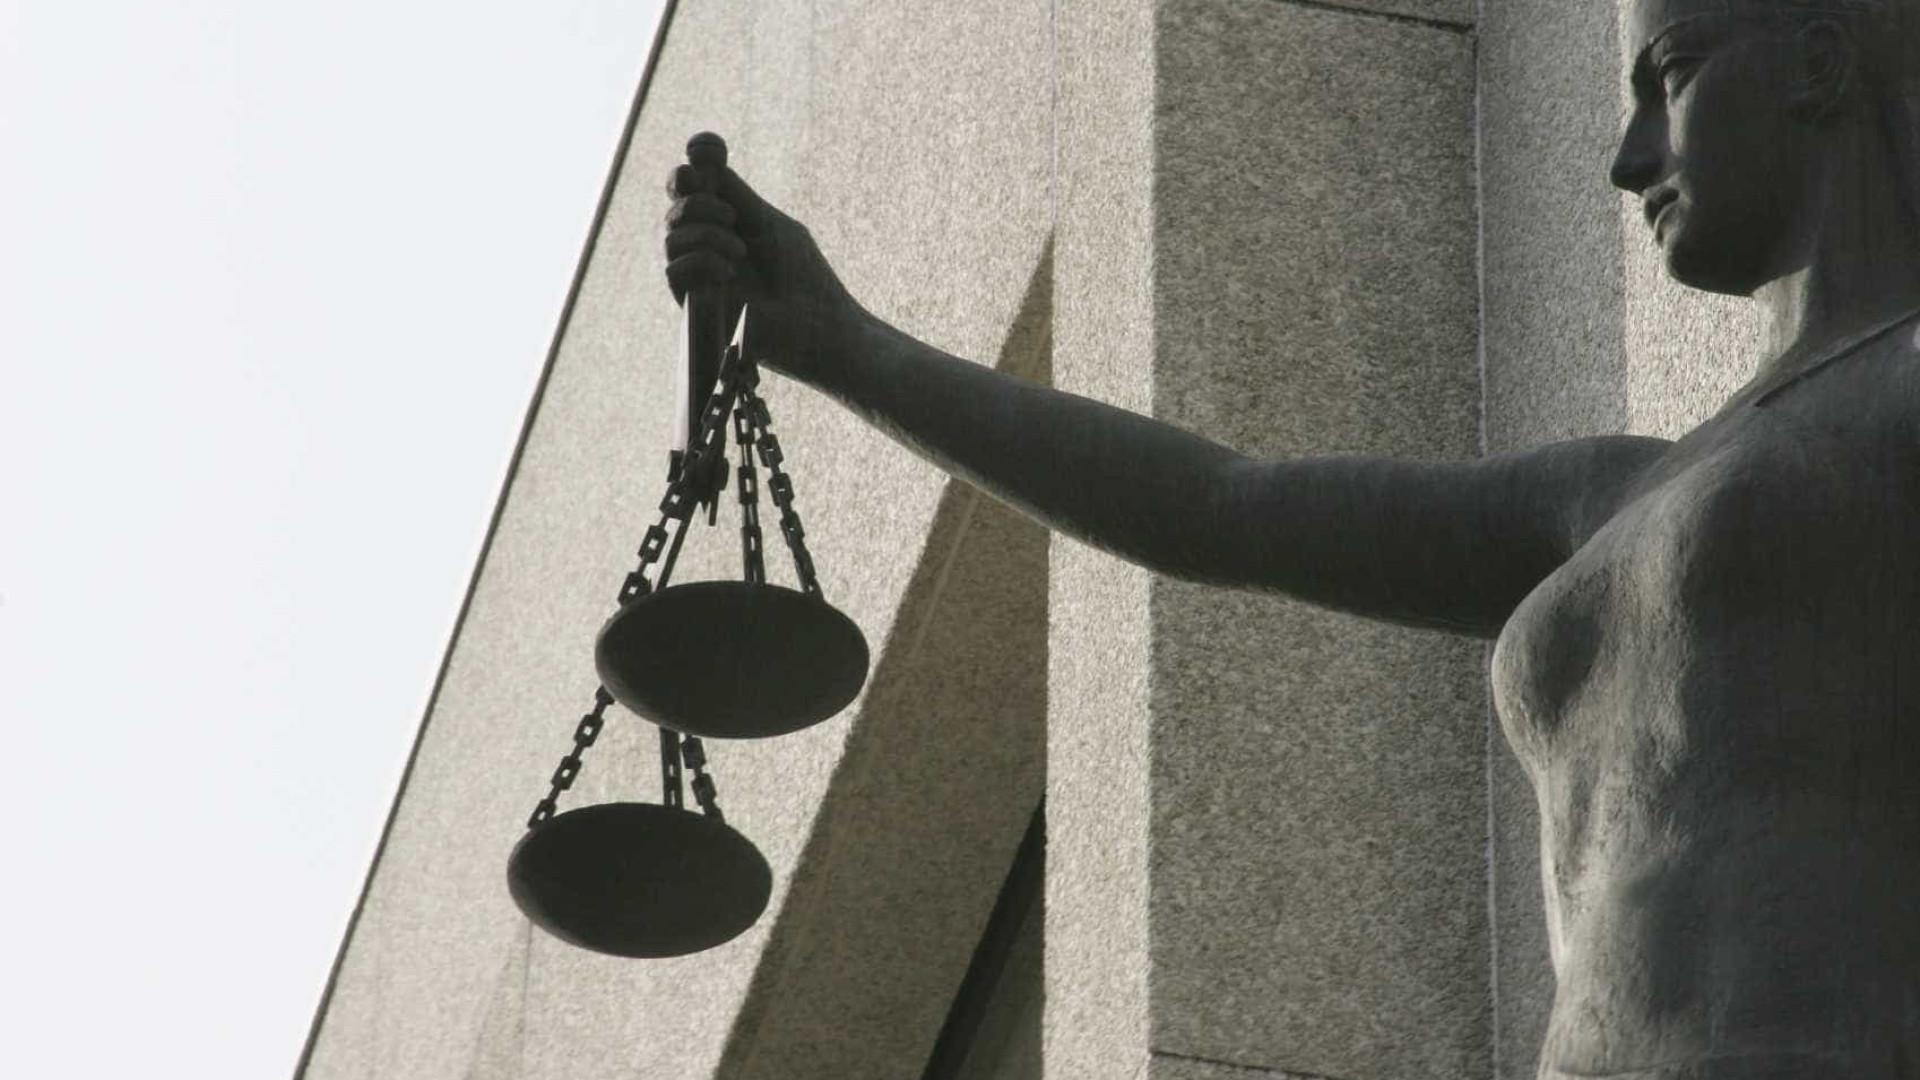 Acusados de furto simples e qualificado em silêncio no Tribunal de Leiria